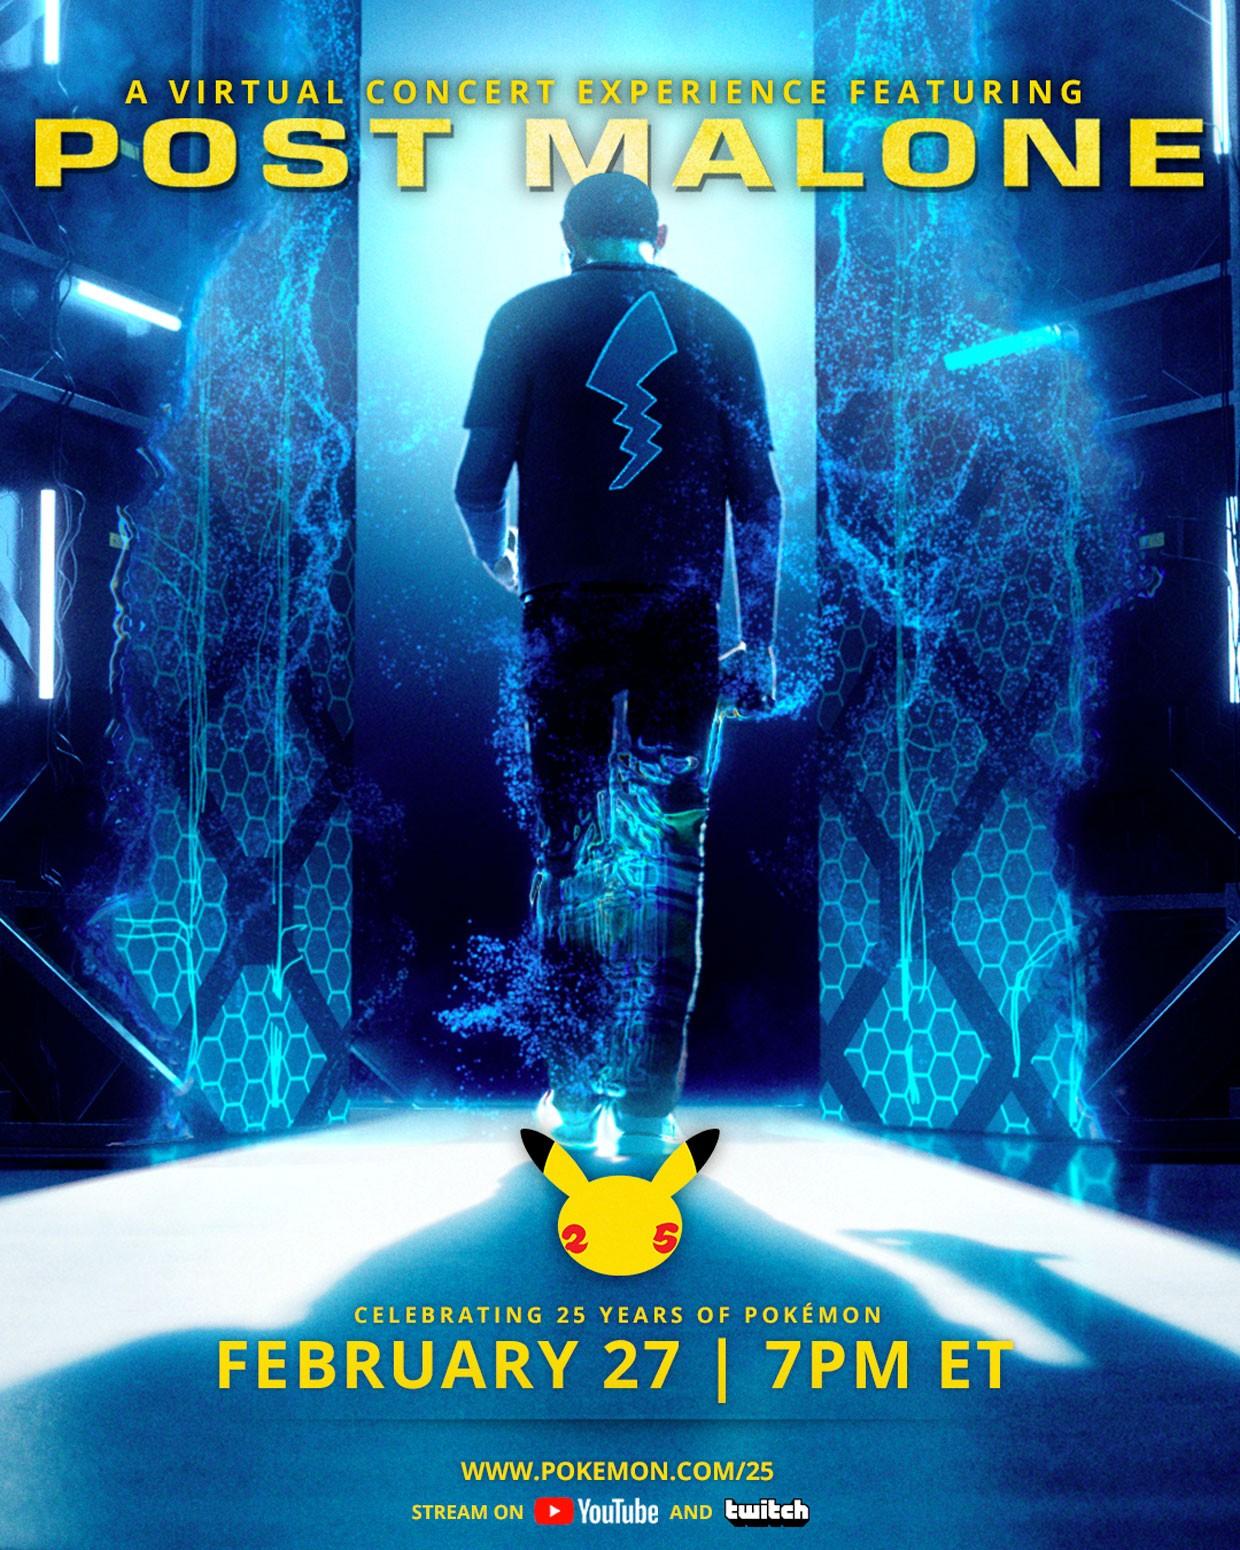 Chystá se virtuální Pokémon koncert s rapperem Post Malone pokemonpostmalone